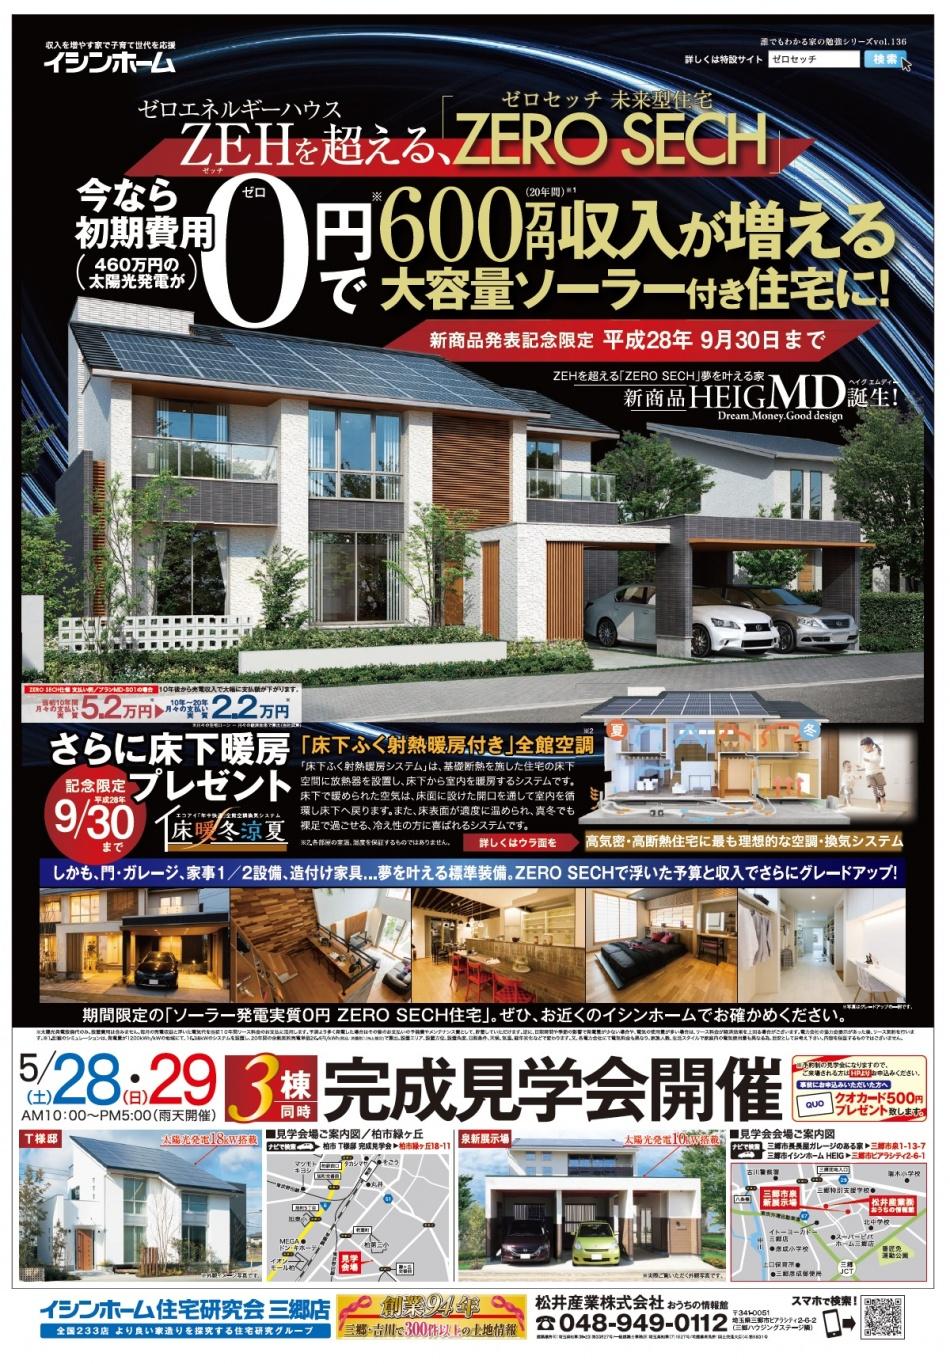 イシンホーム三郷店松井産業3棟同時見学会